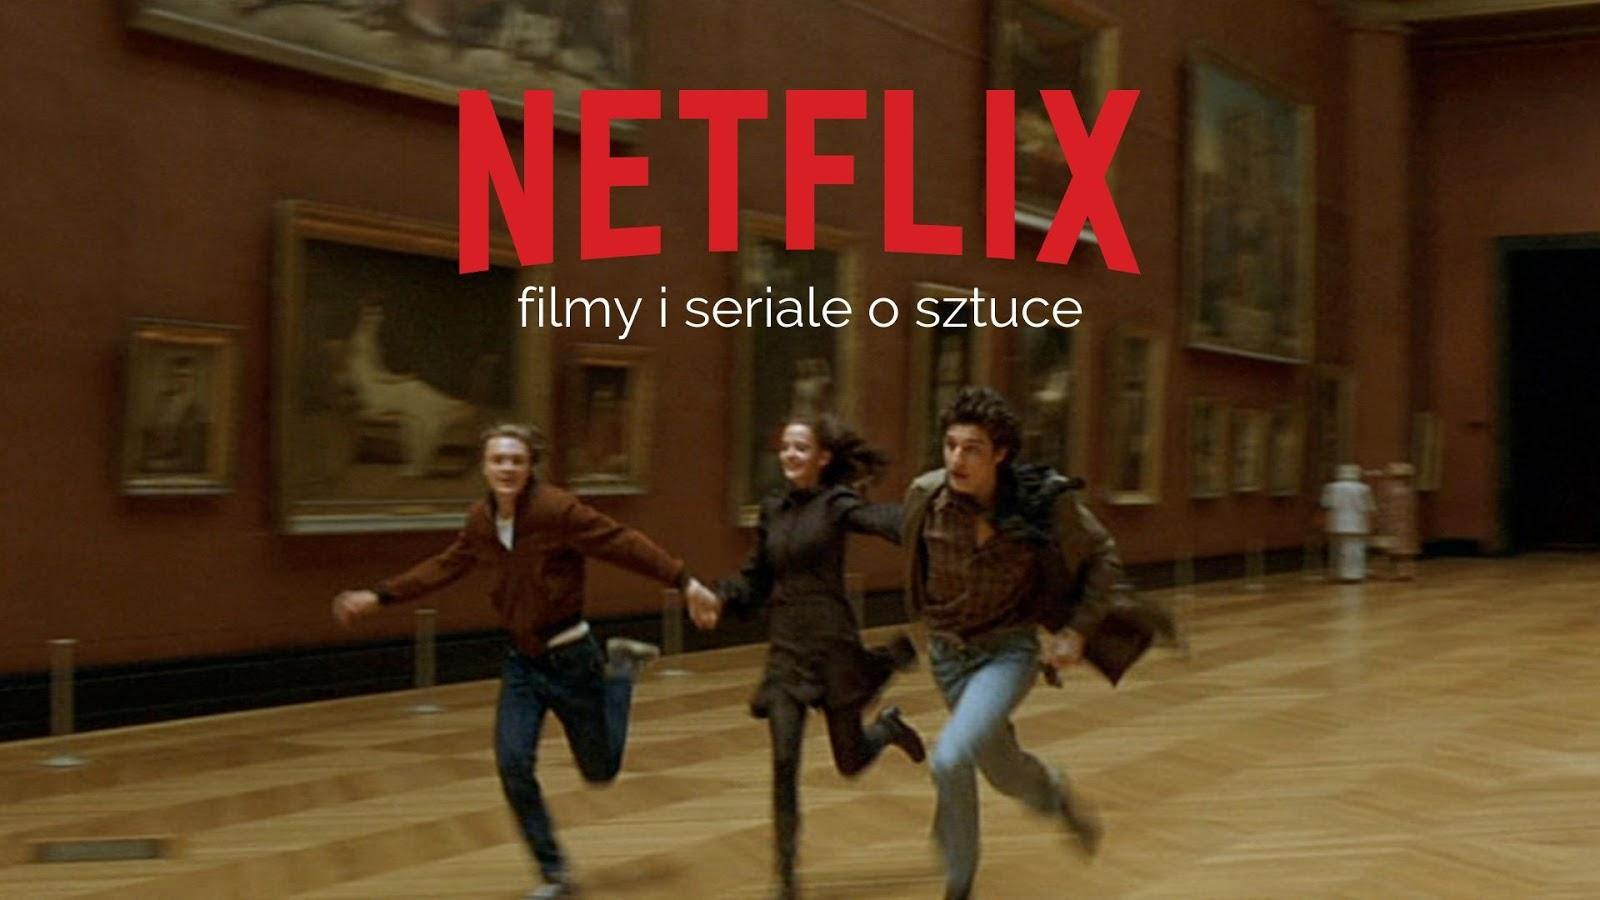 Filmy i seriale o sztuce na Netflixie